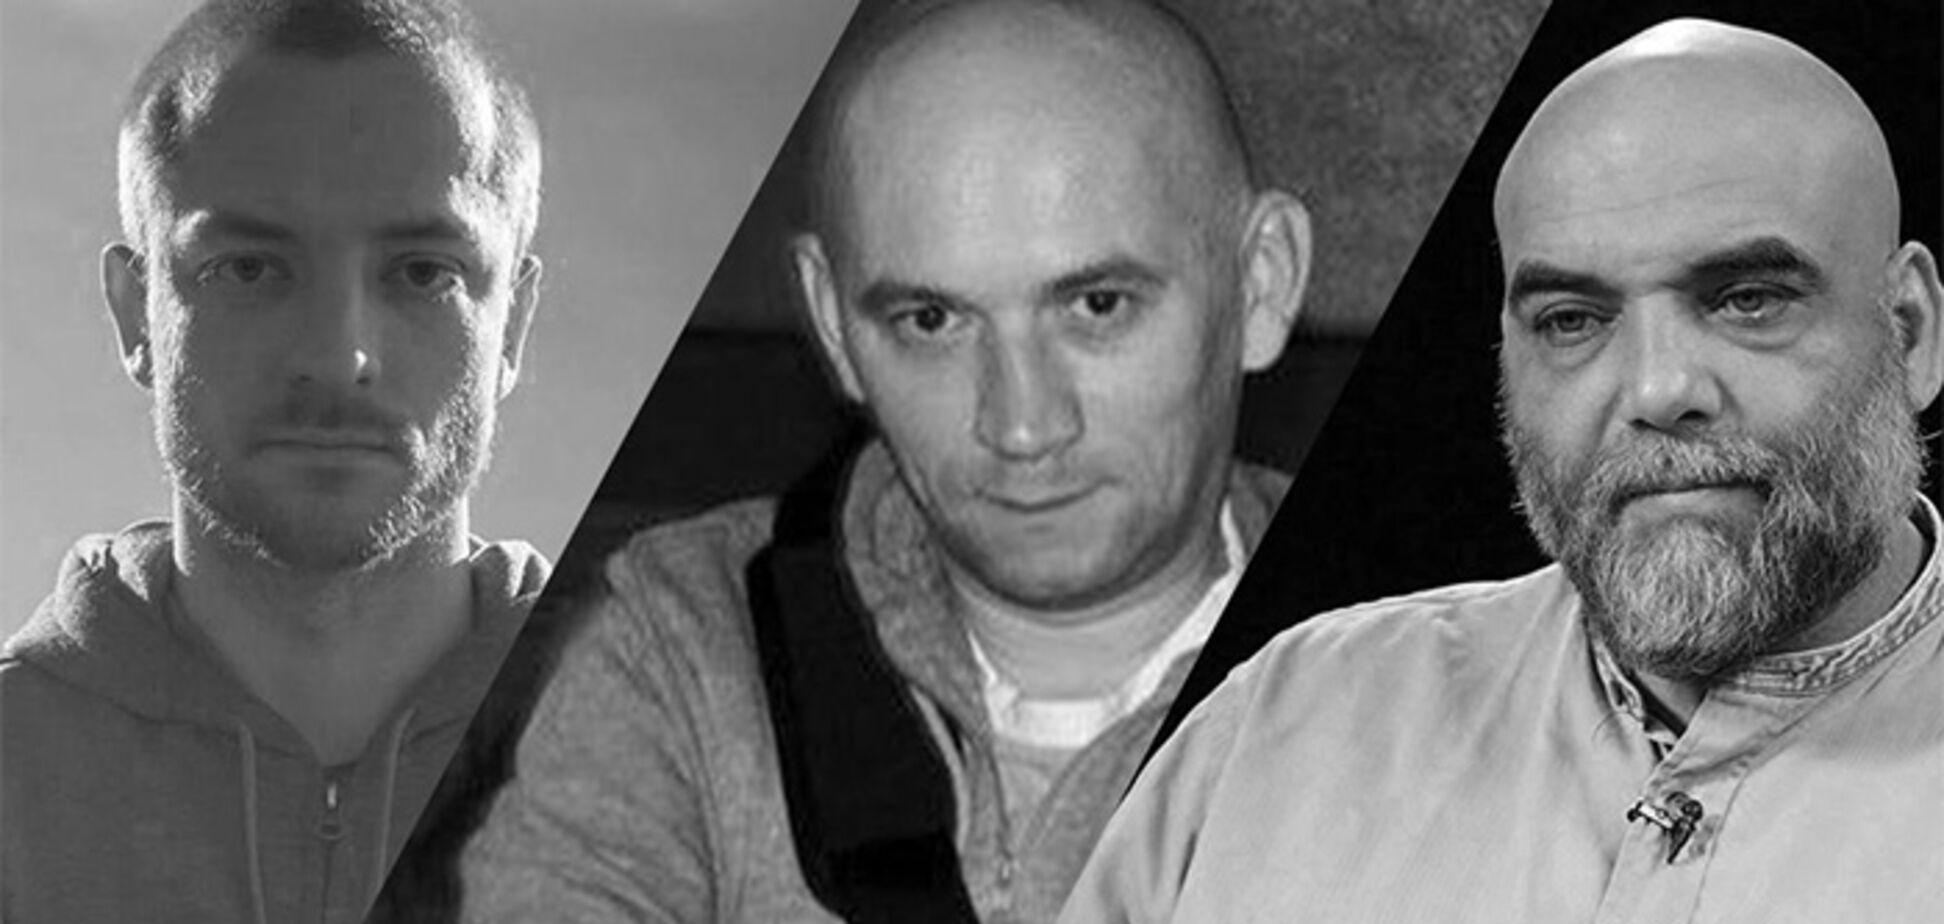 'Ми так на Майдані робили': розстріл журналістів РФ розкрив брехню пропагандистів в Україні